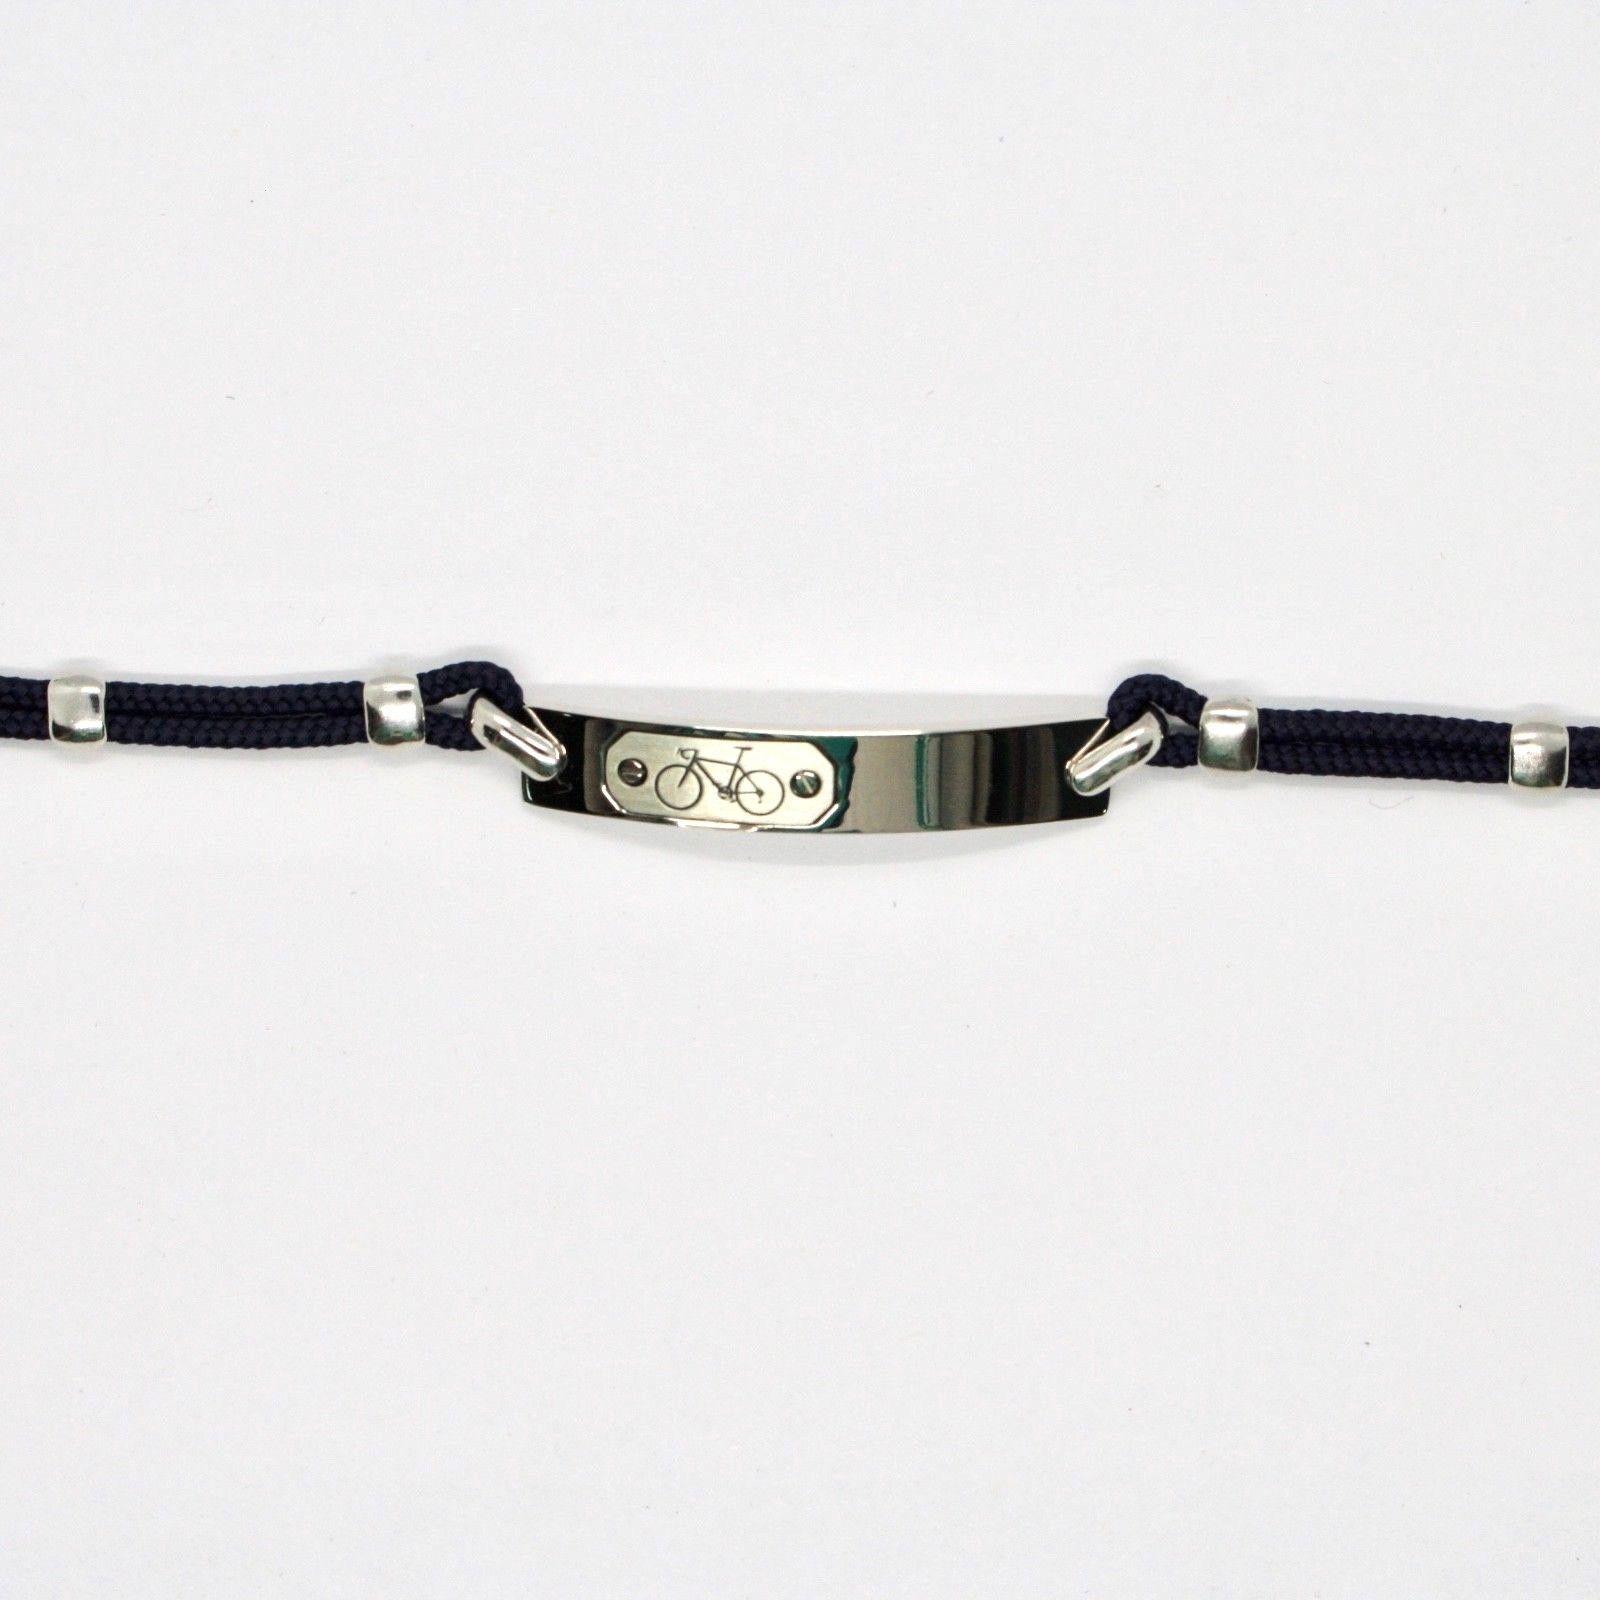 Bracelet en Argent 925 Rhodié avec Plaque Bicyclette Gravé et Corde 18 CM